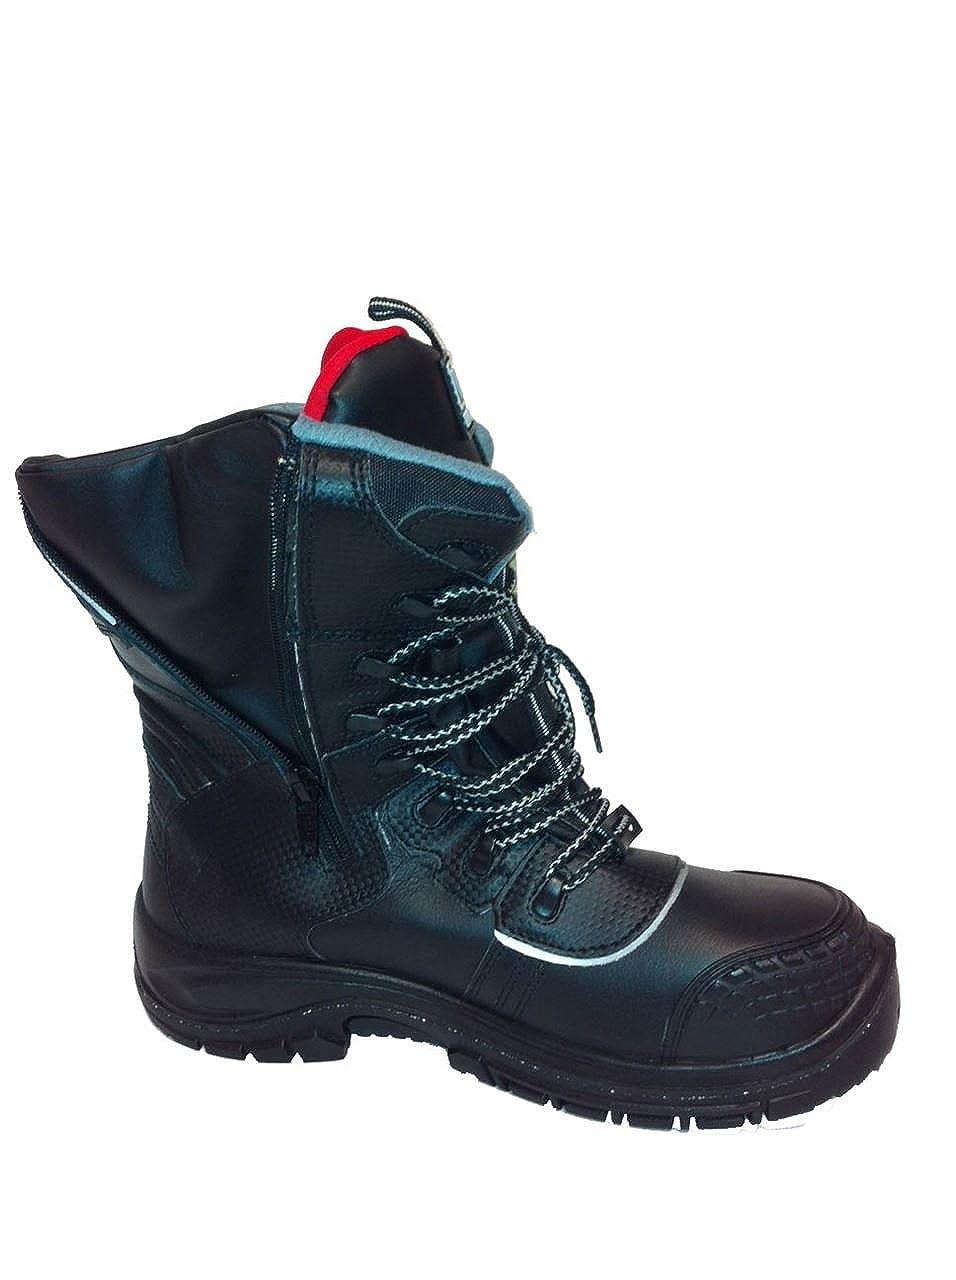 Wenaas Oilmaster 2 S3 ESD Lateral con Cremallera Botas de Seguridad, Color, Talla 30.00: Amazon.es: Zapatos y complementos